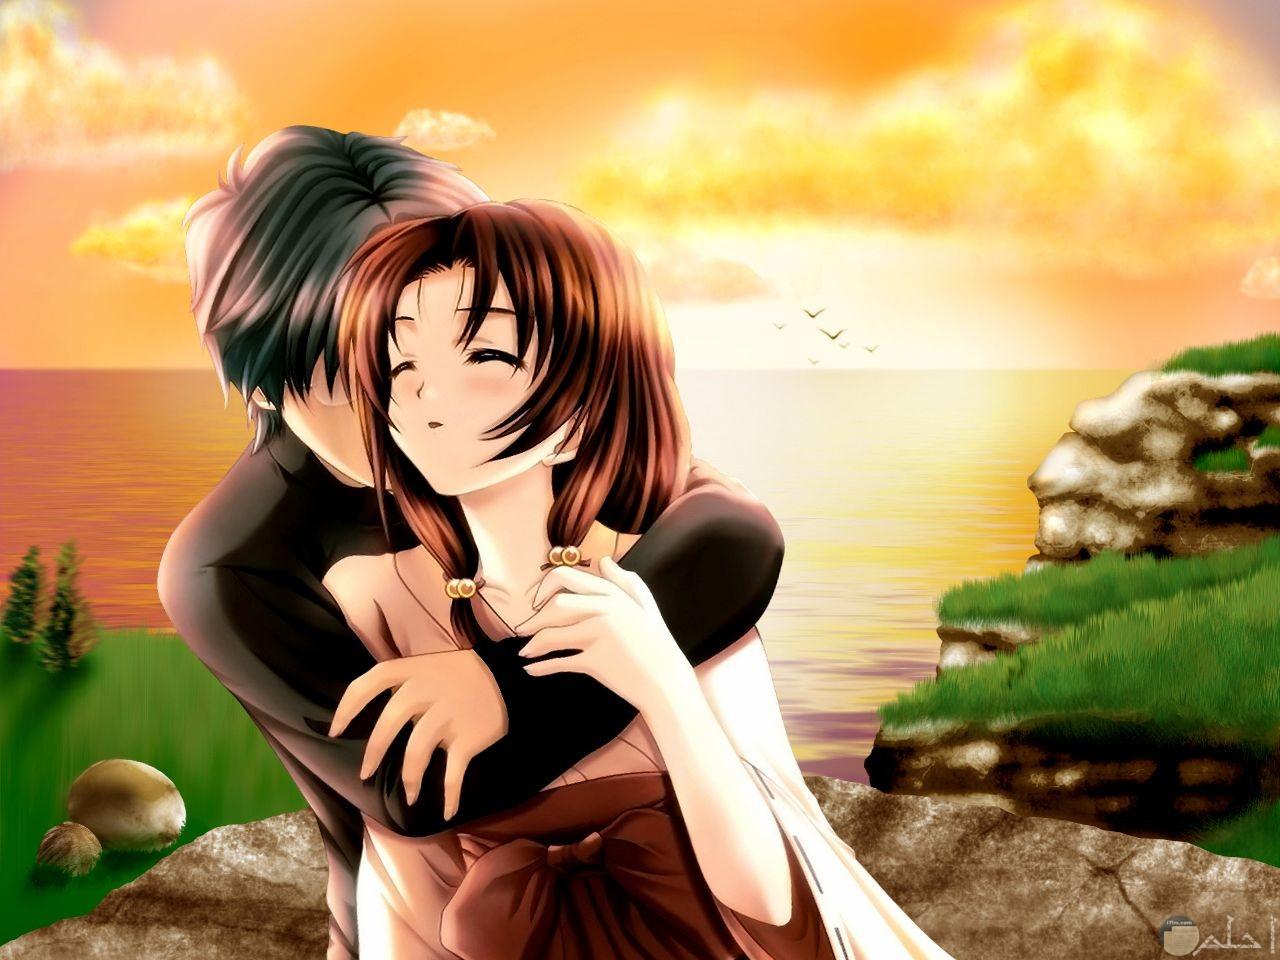 أروع لحظات الرومانسية وقت الغروب.